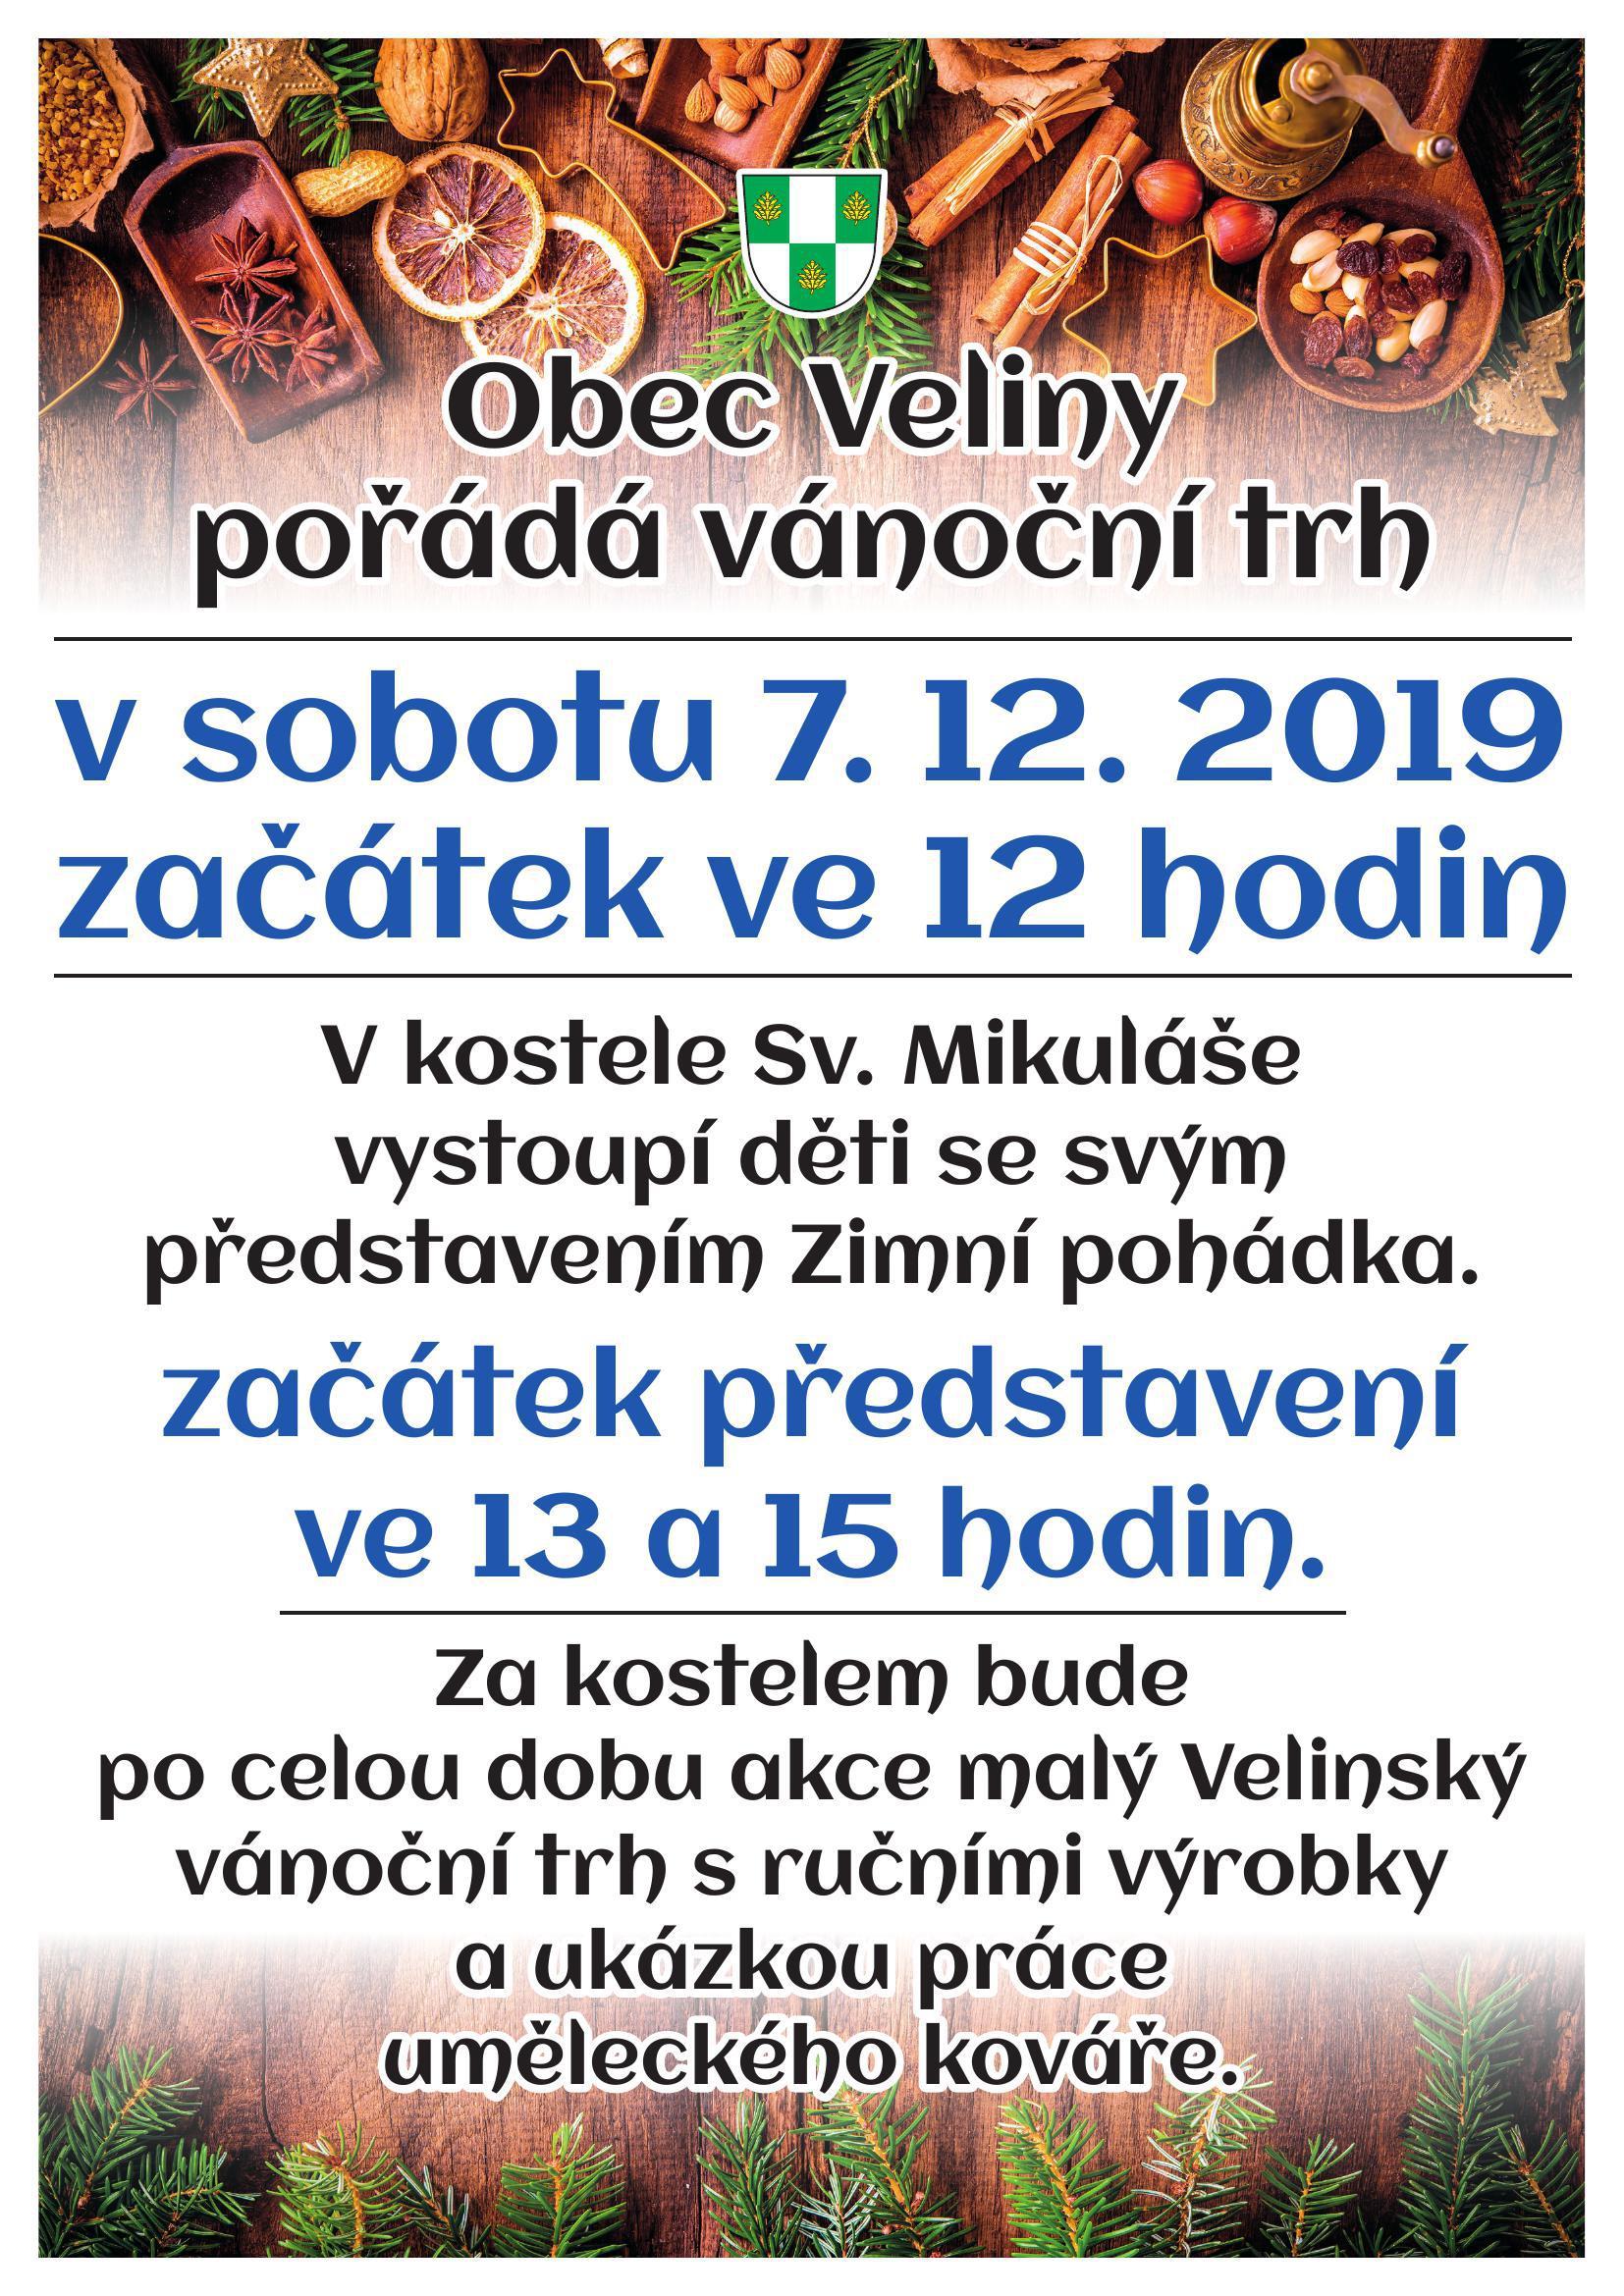 VELINSKE_VANOCNI_TRHY_219